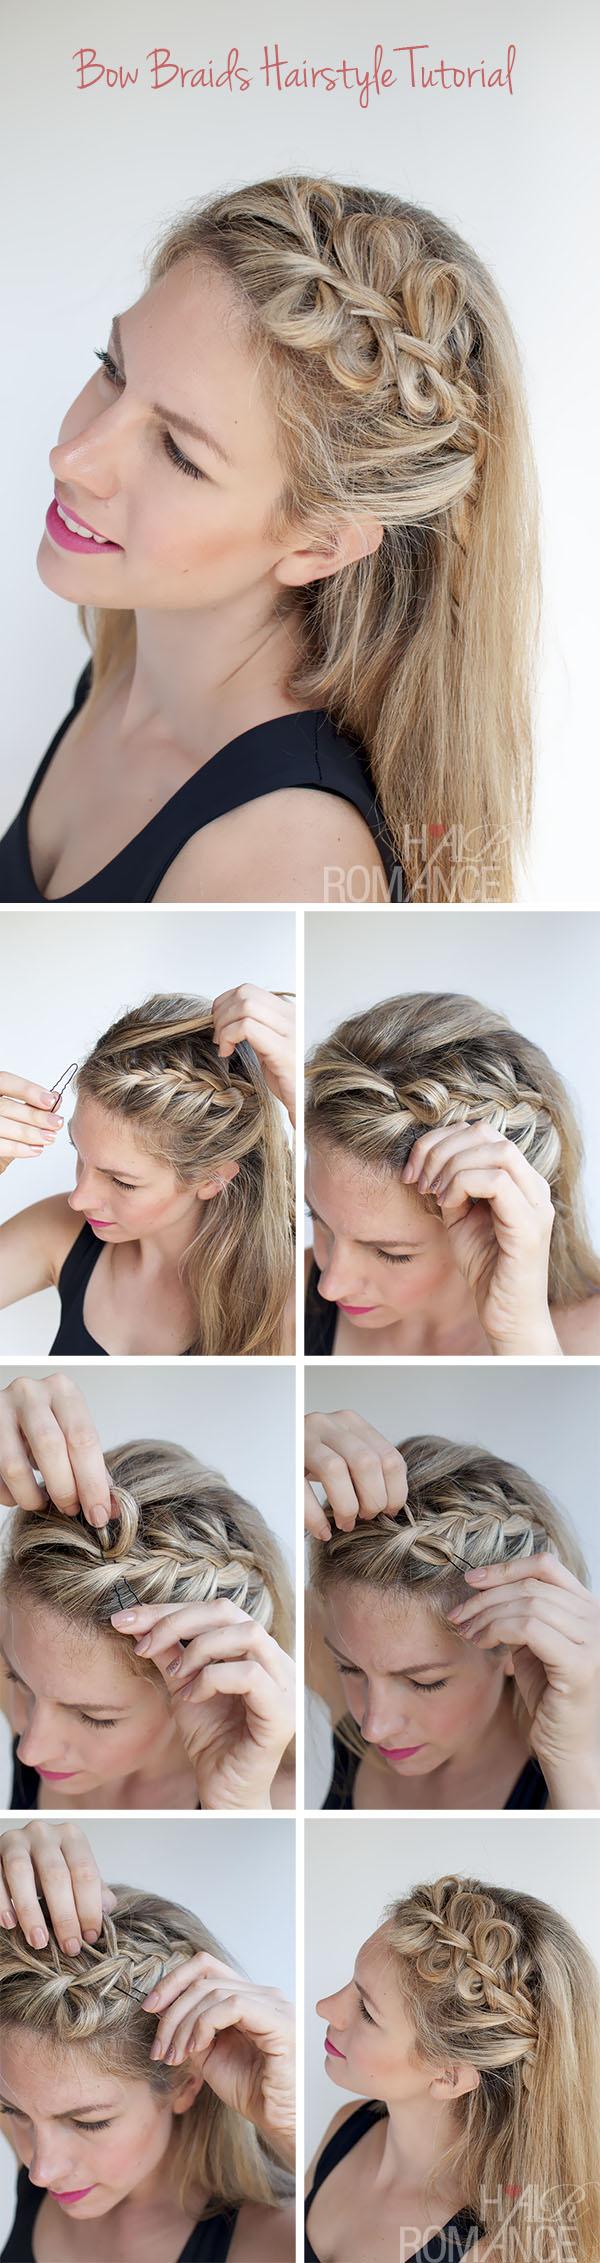 hair bow braids hairstyle tutorial